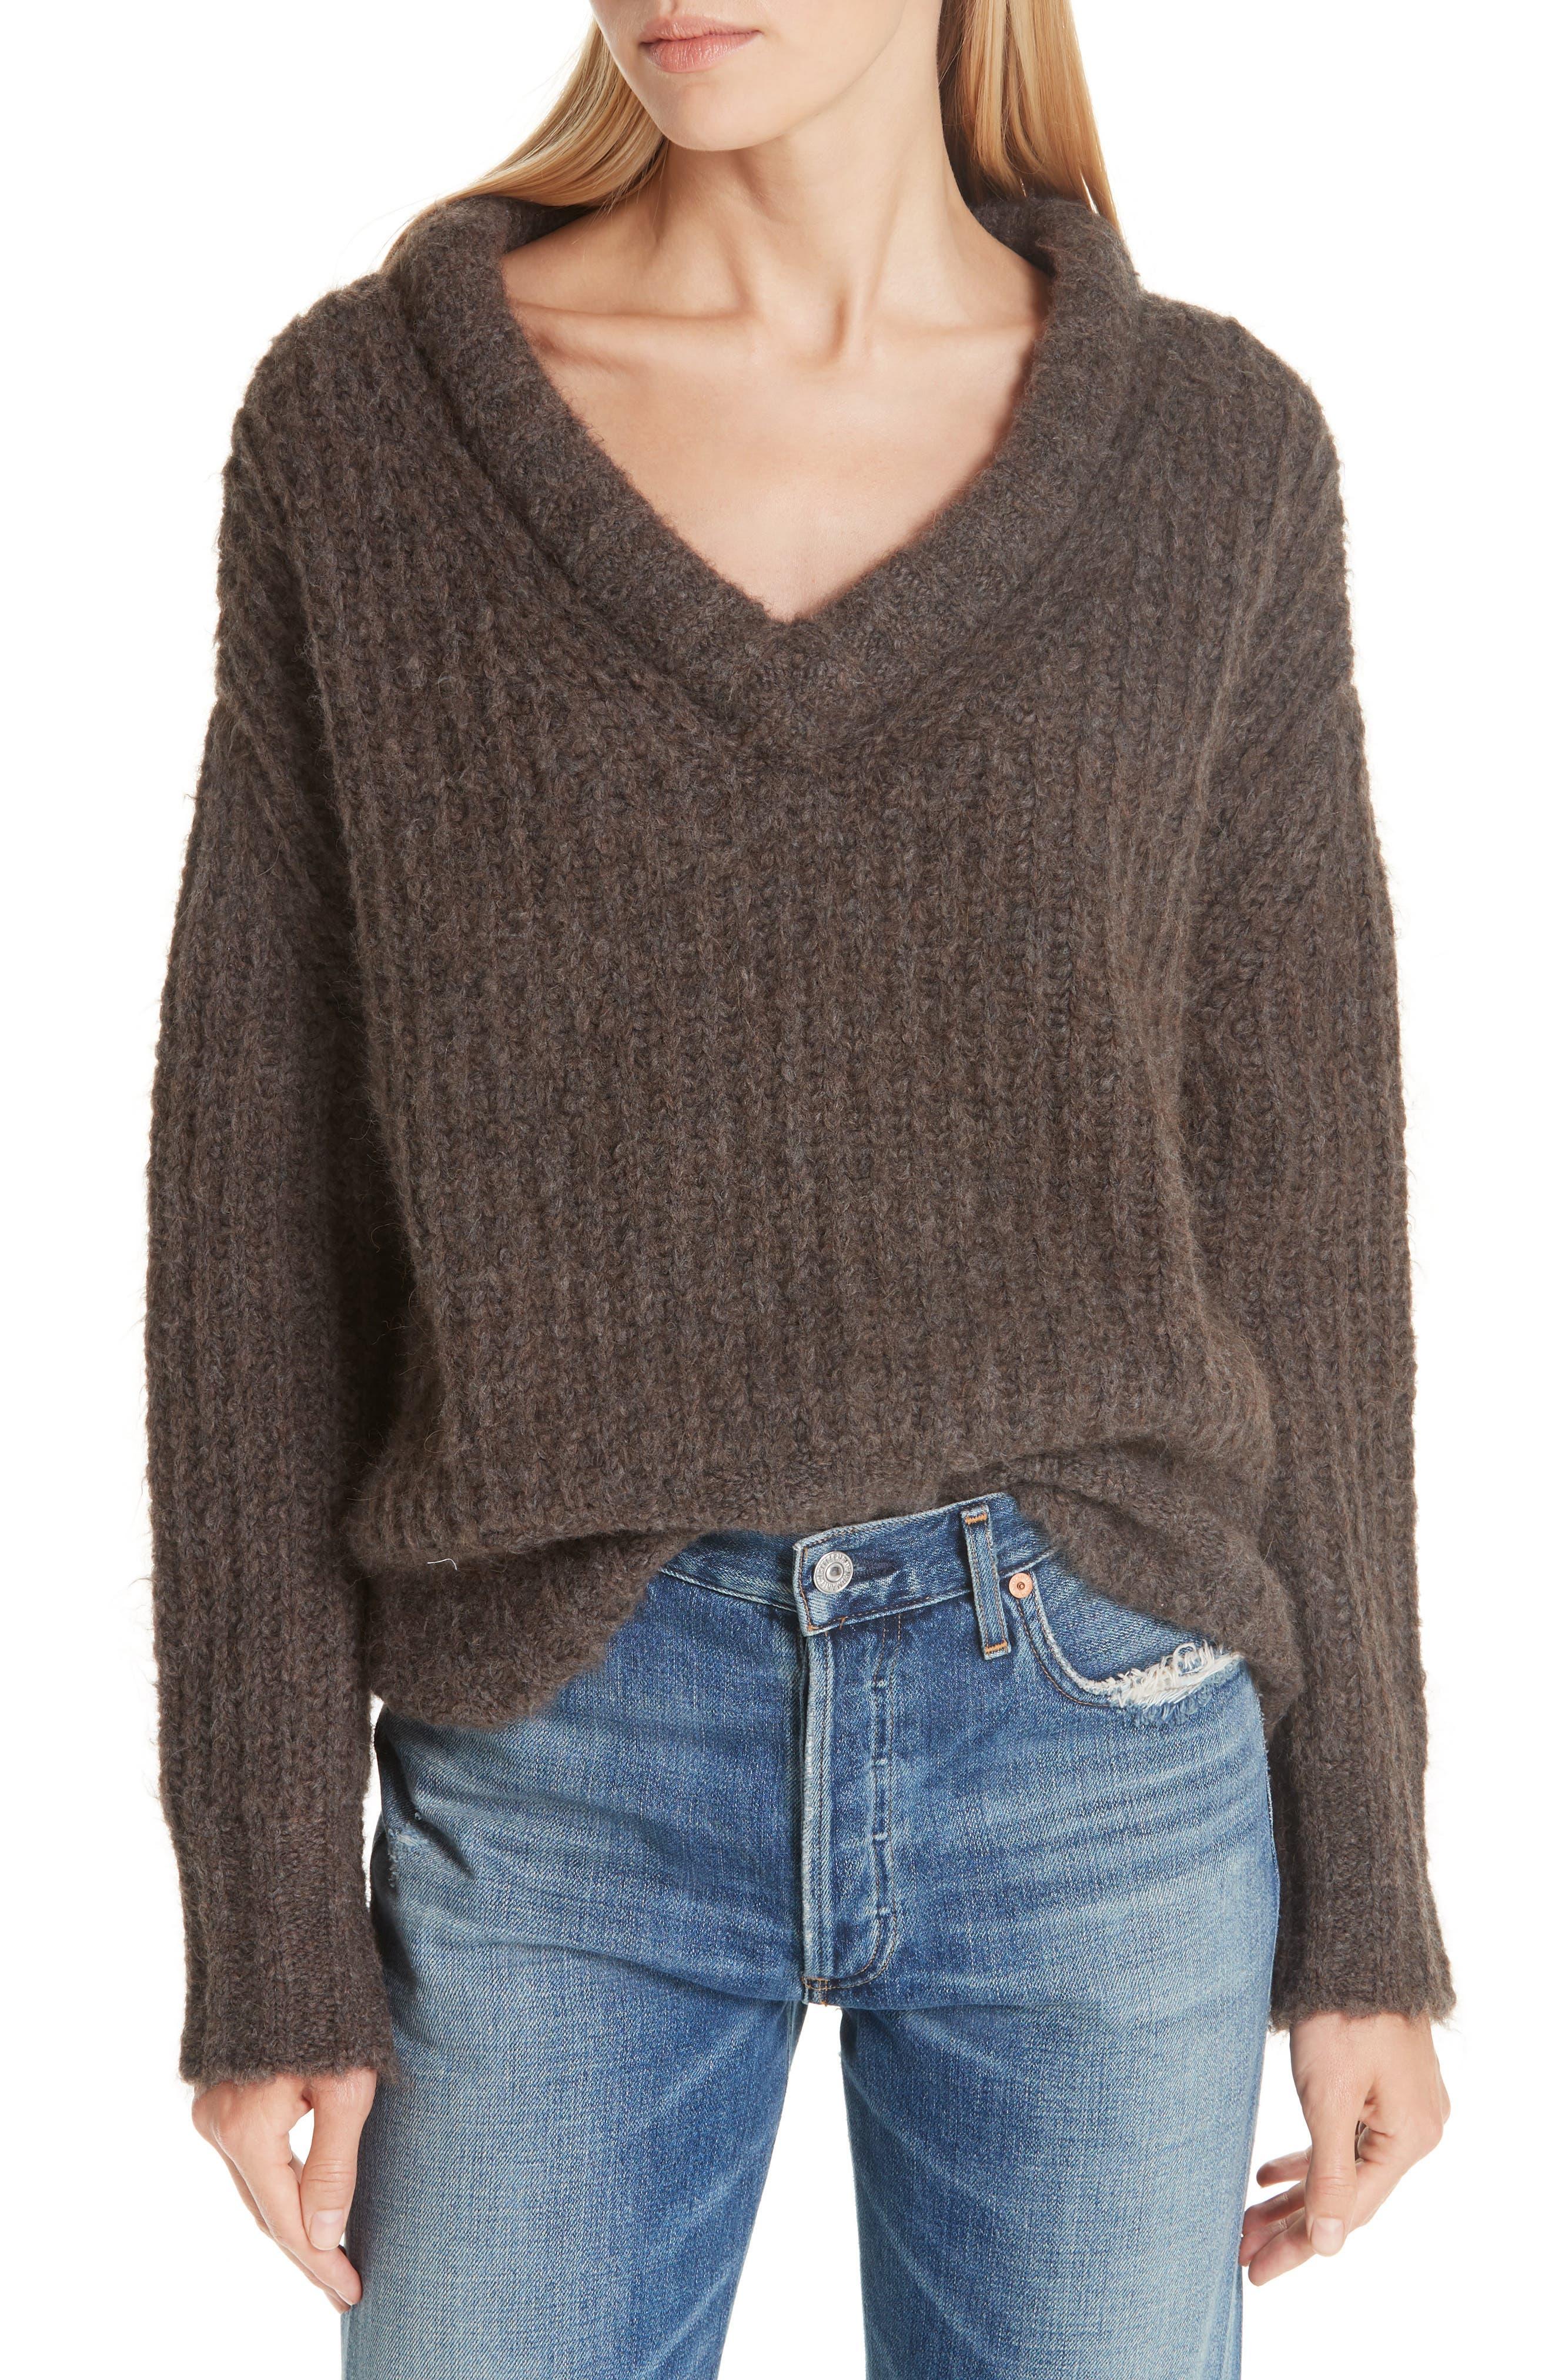 Fabiana Boxy Sweater,                             Main thumbnail 1, color,                             230